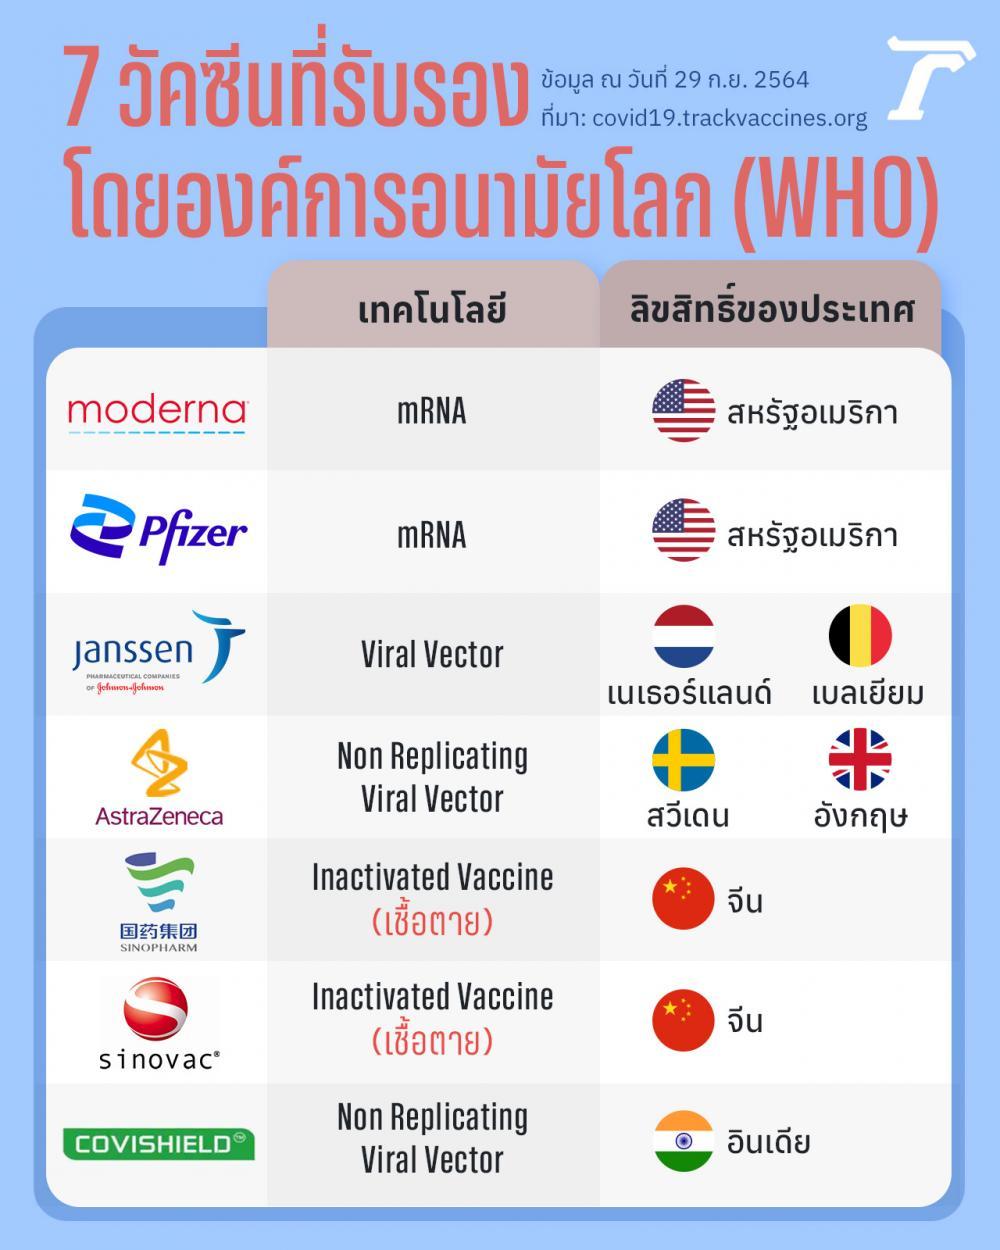 7 วัคซีนที่รับรองโดยองค์การอนามัยโลก (WHO) ข้อมูล ณ วันที่ 29 กันยายน 2564 ที่มา : covid19.trackvaccines.org